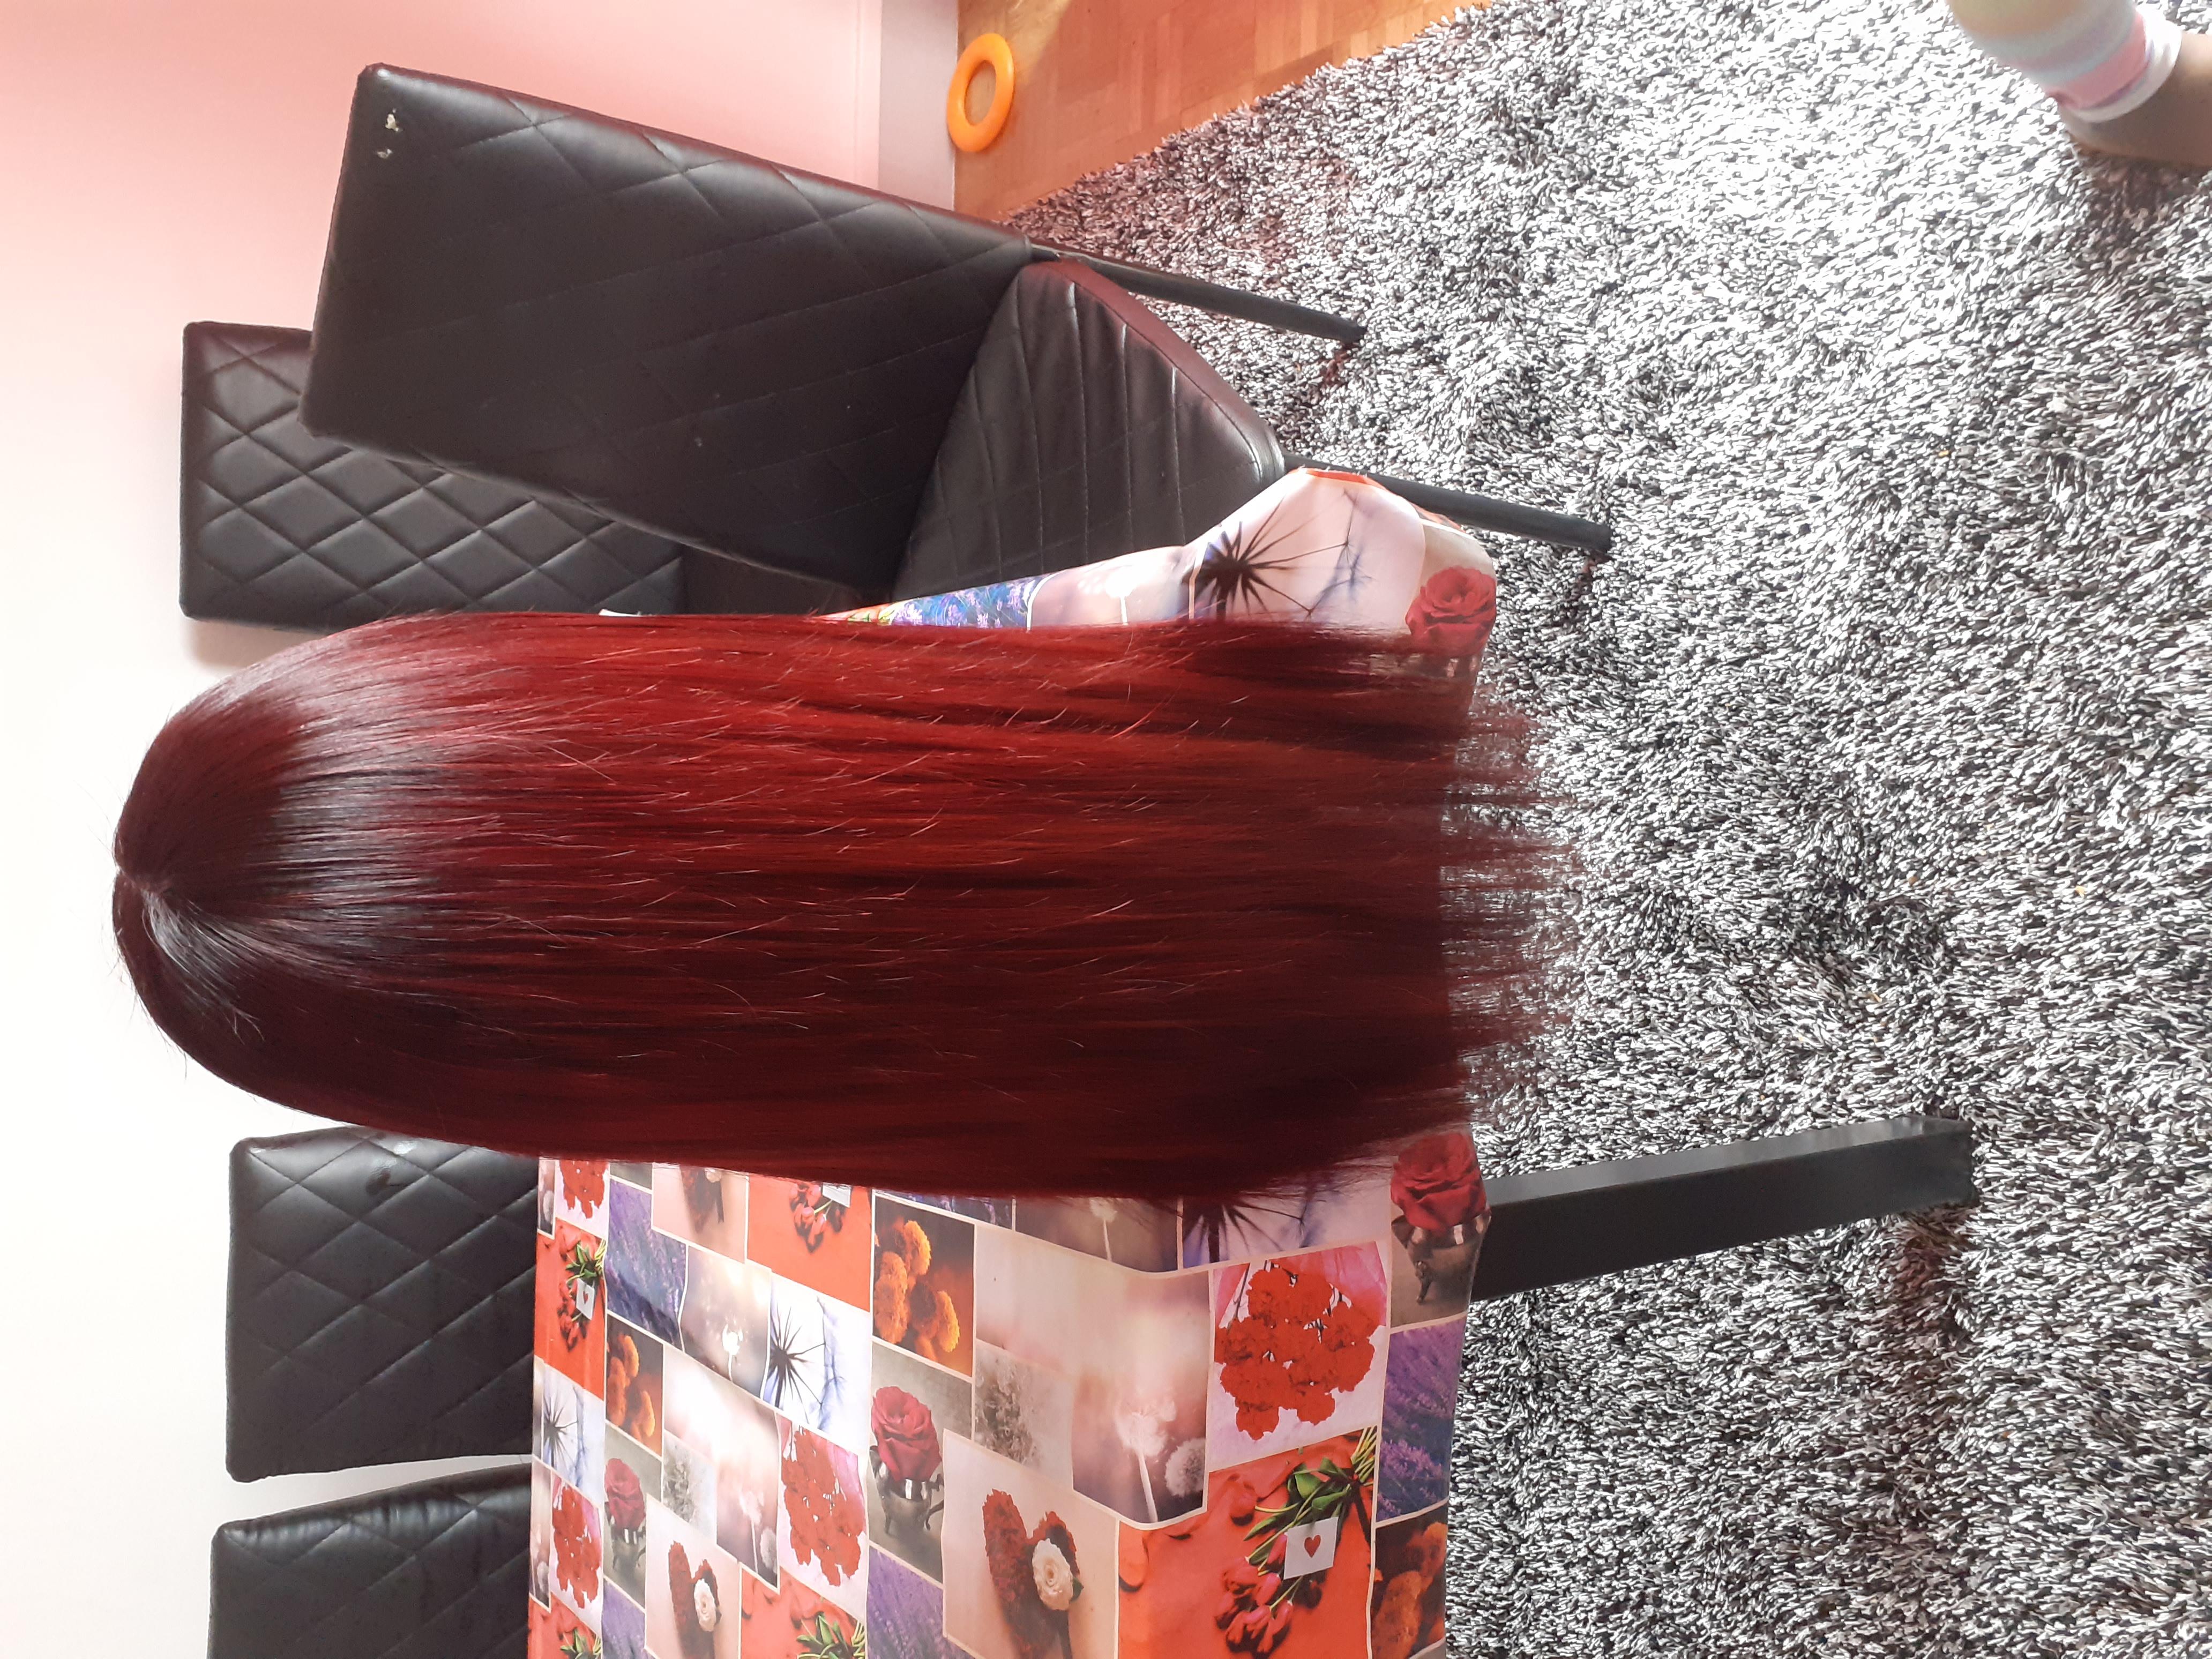 salon de coiffure afro tresse tresses box braids crochet braids vanilles tissages paris 75 77 78 91 92 93 94 95 CQXYSSFM